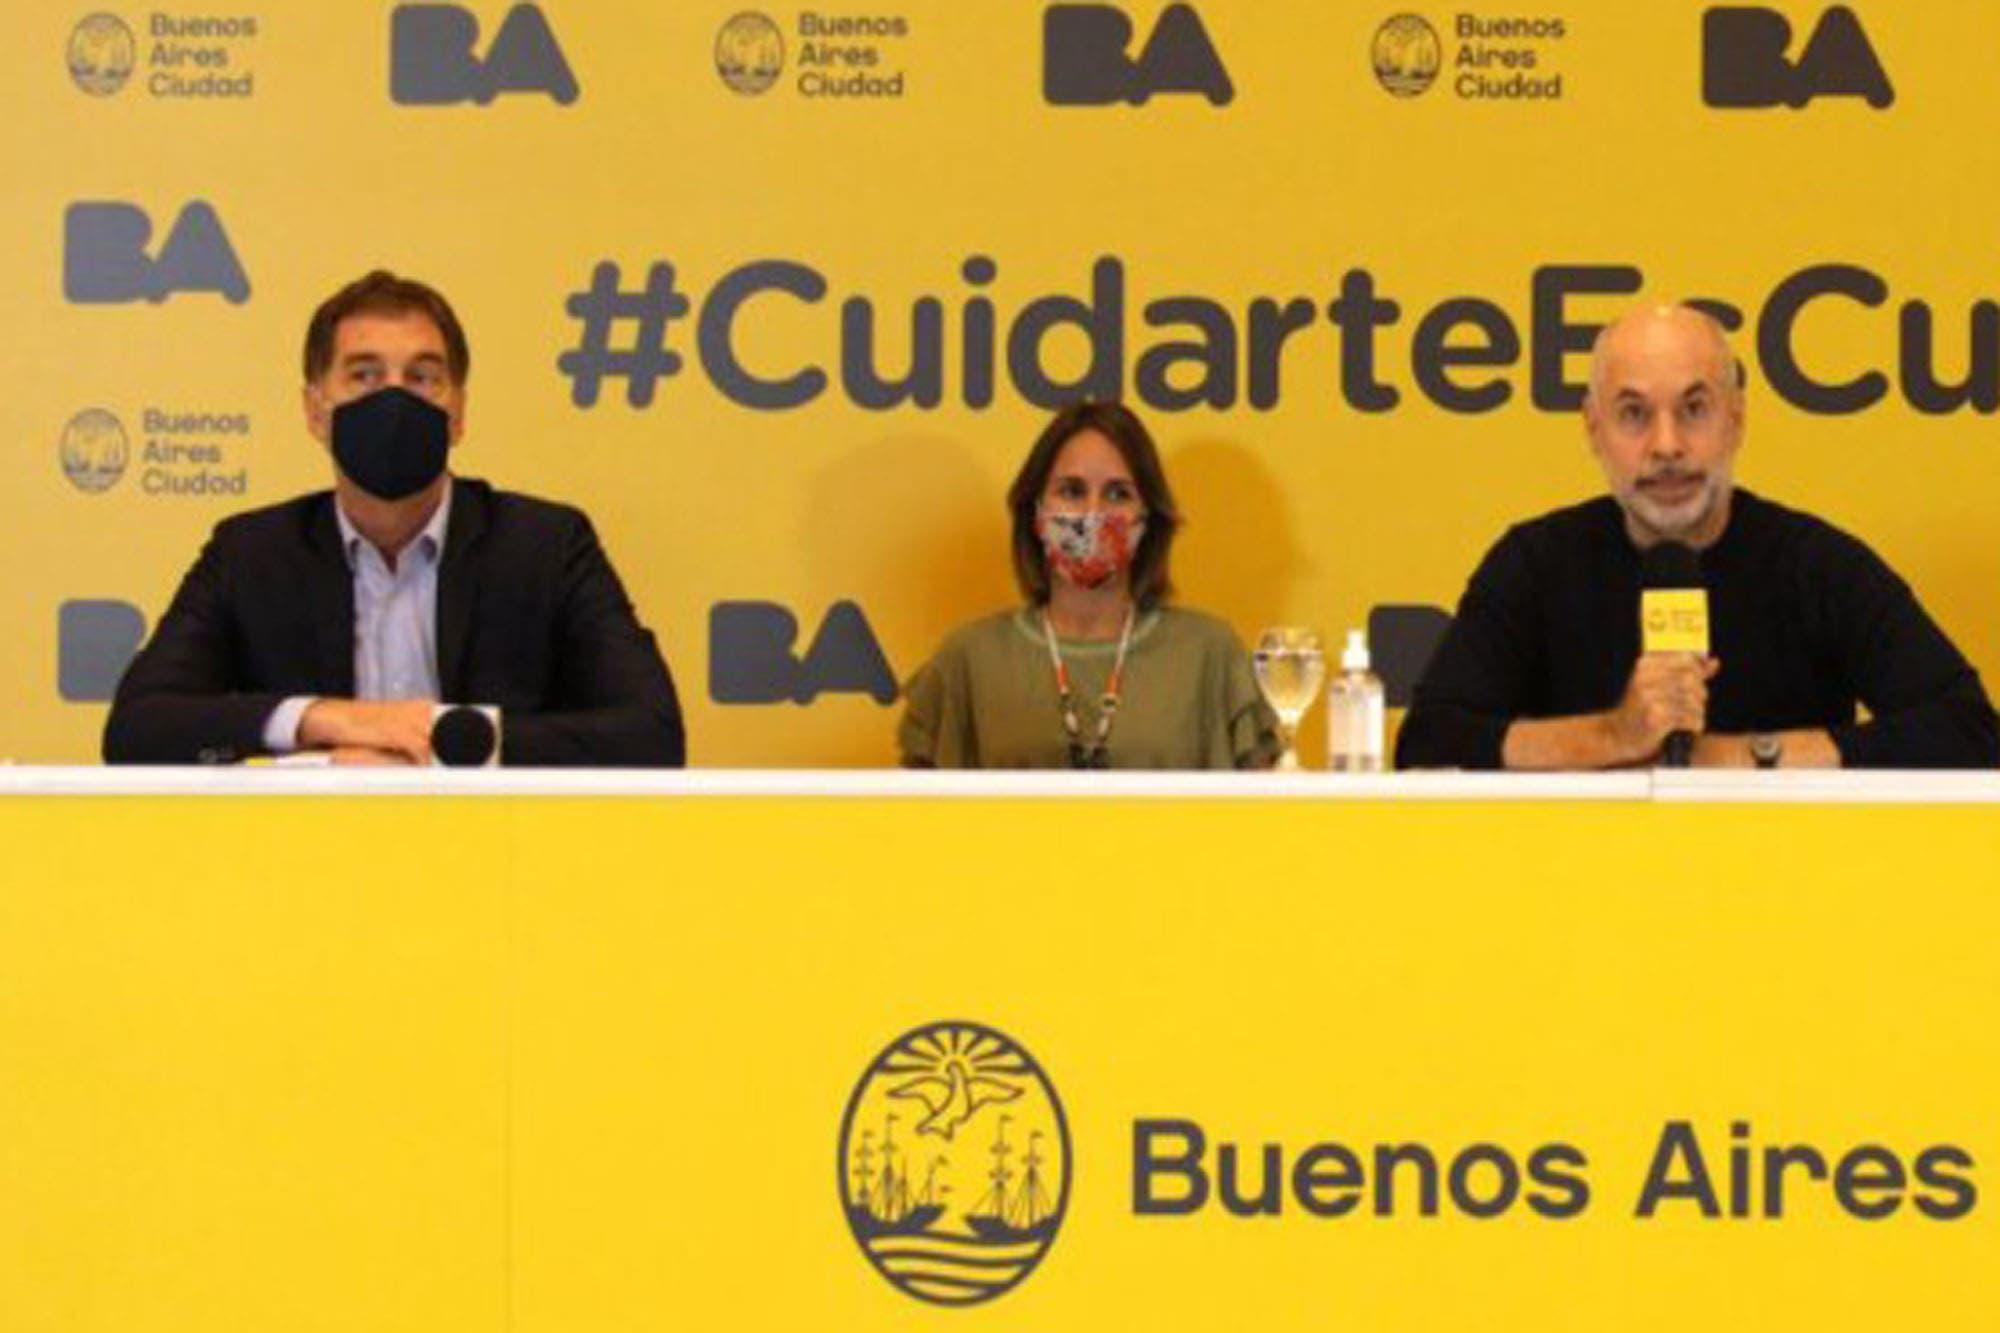 """Diego Santilli: """"Judicializar es apoyar a los violentos"""""""